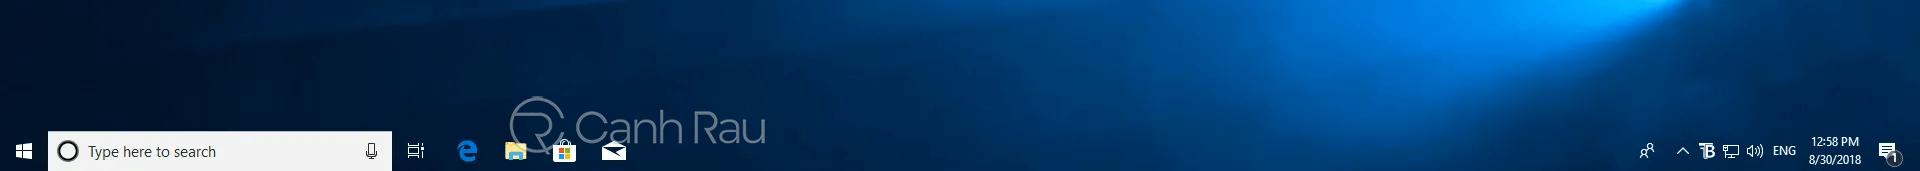 Cách làm trong suốt thanh Taskbar trên Windows 10 hình 16